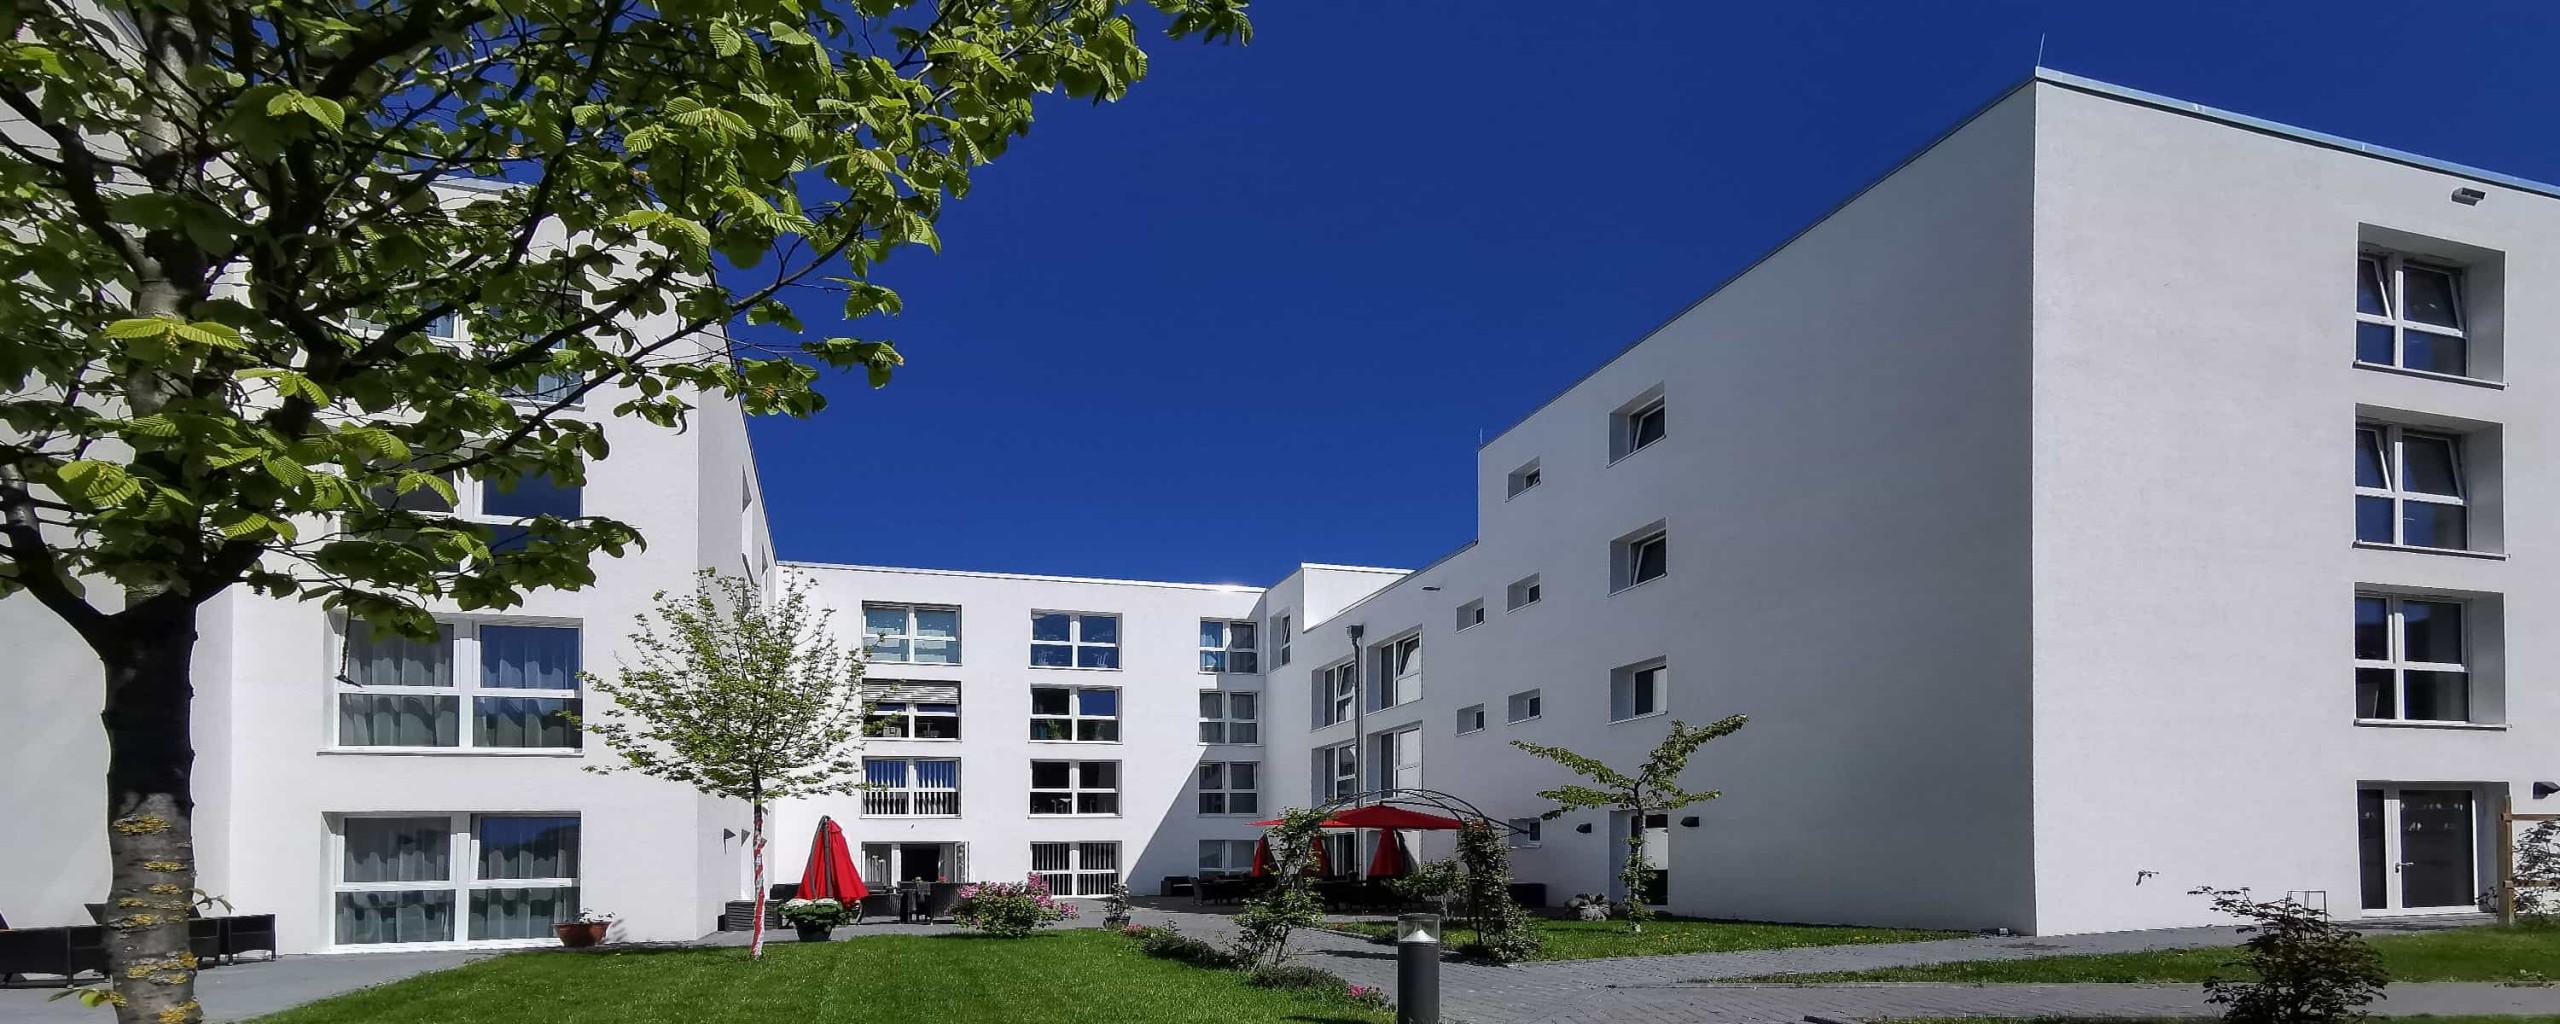 bad-breisig-pflegeheim